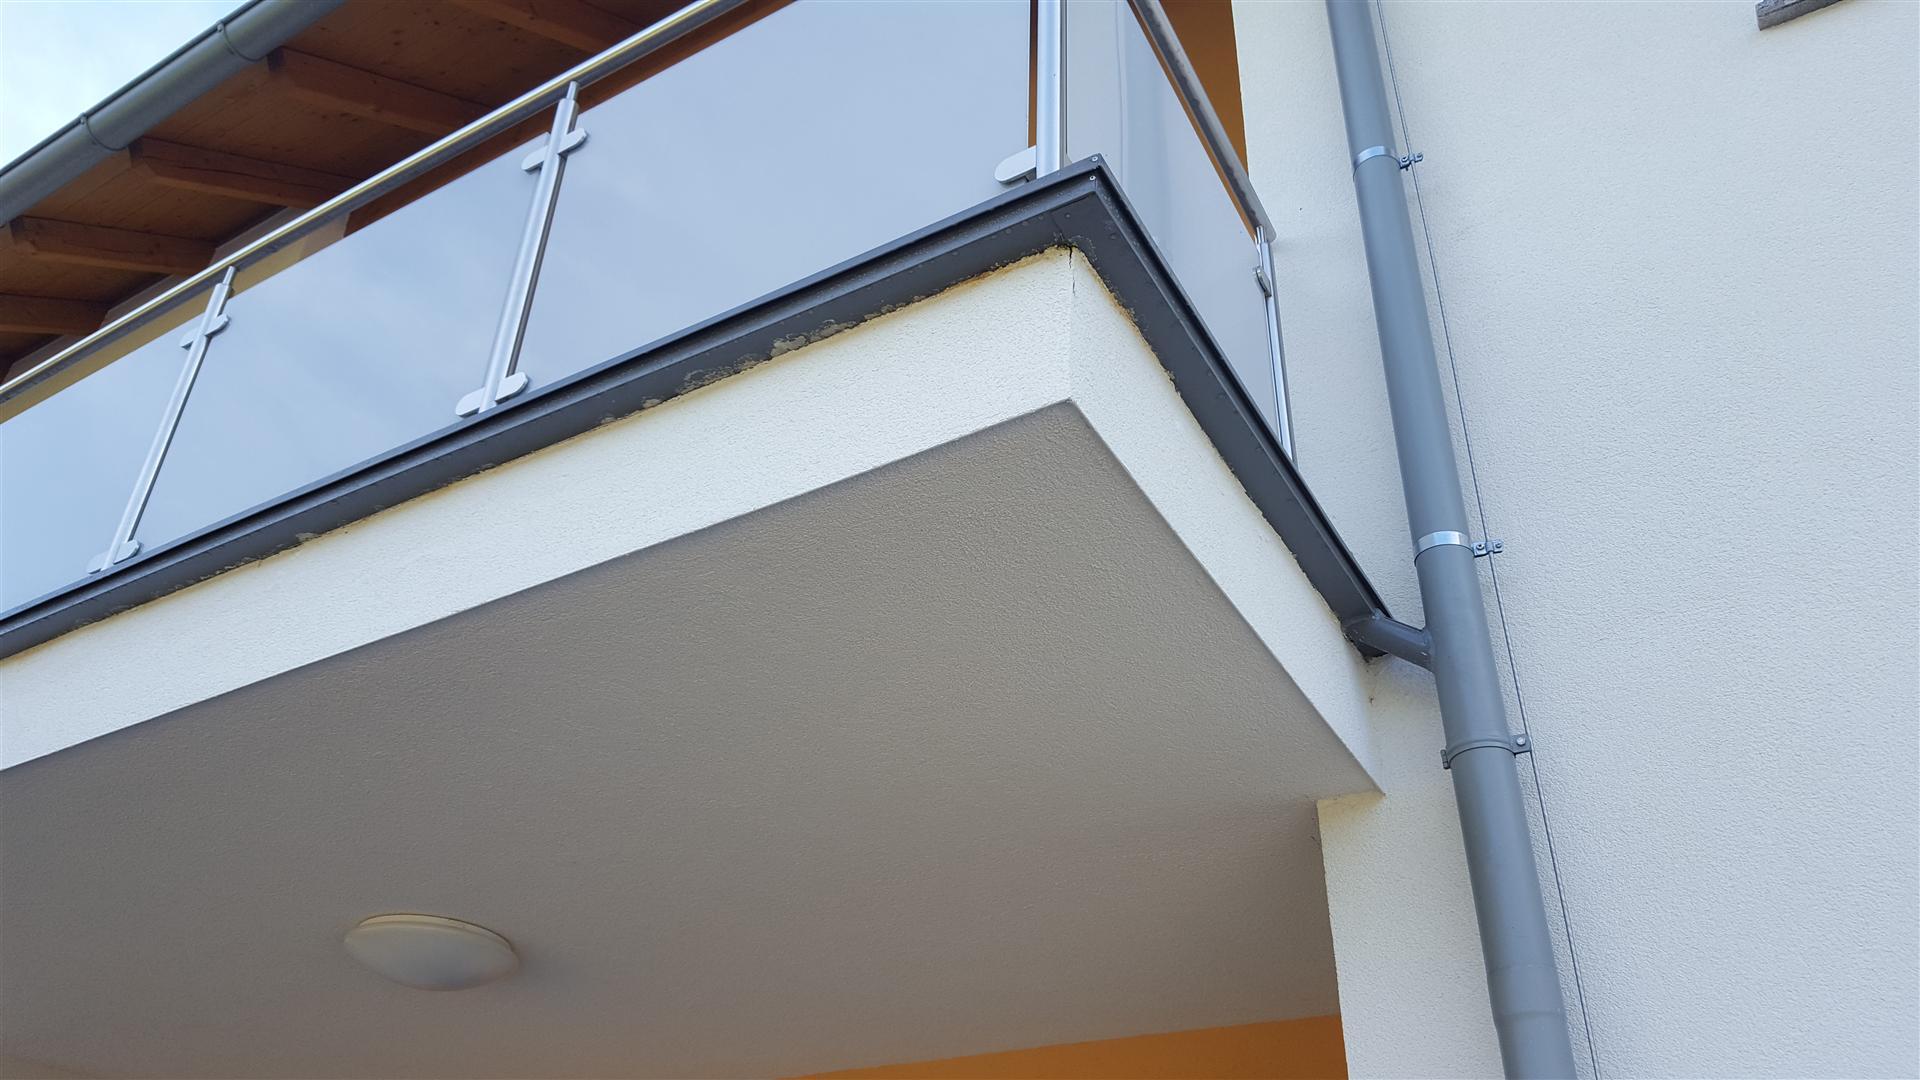 balkon terasse problem mit wasser und fliesen bau frostschaeden. Black Bedroom Furniture Sets. Home Design Ideas